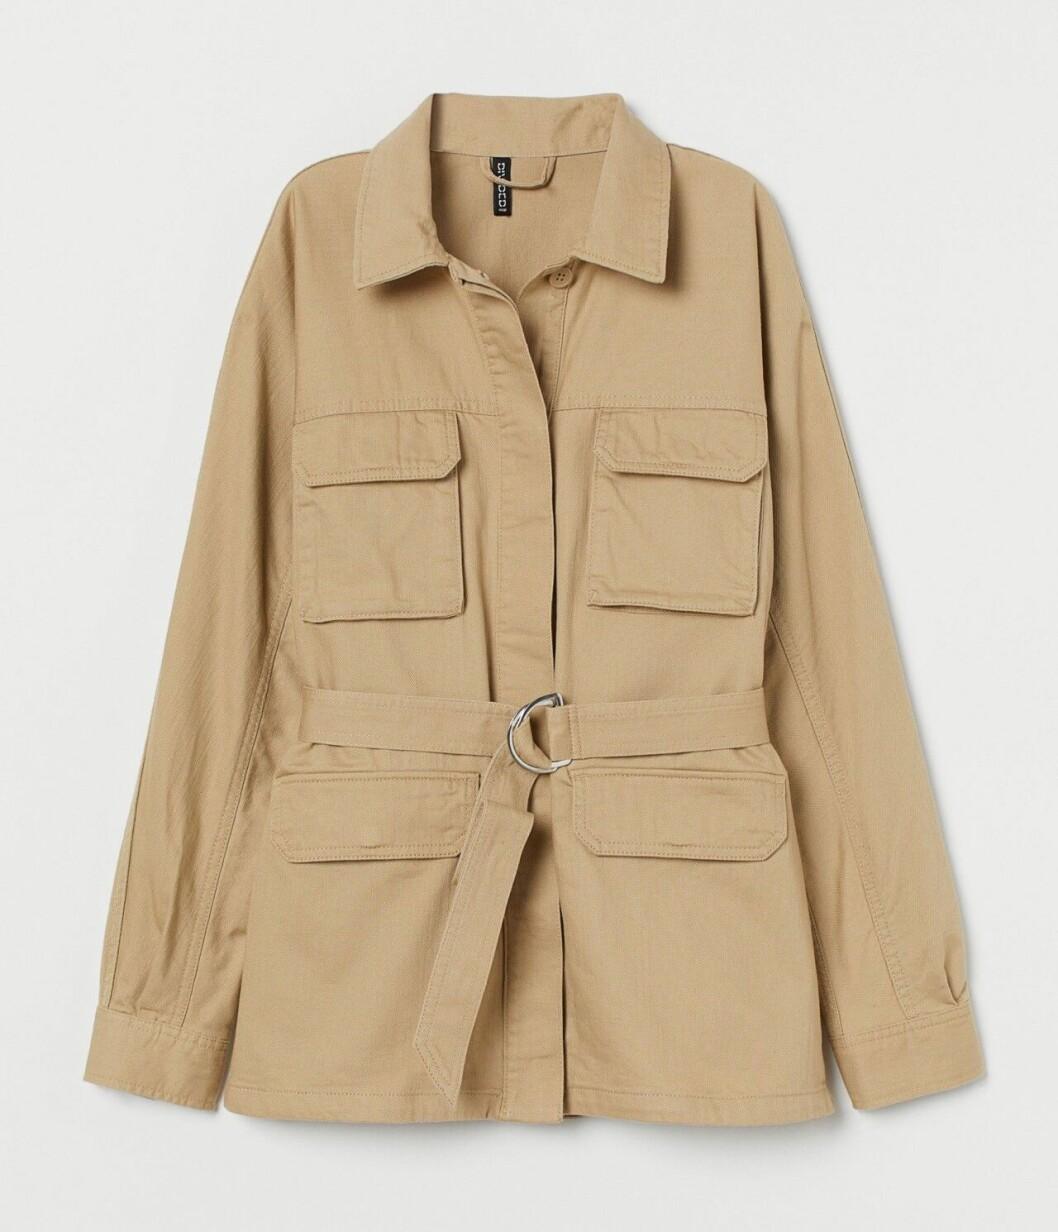 Vårjacka 2020: Beige jacka från H&M